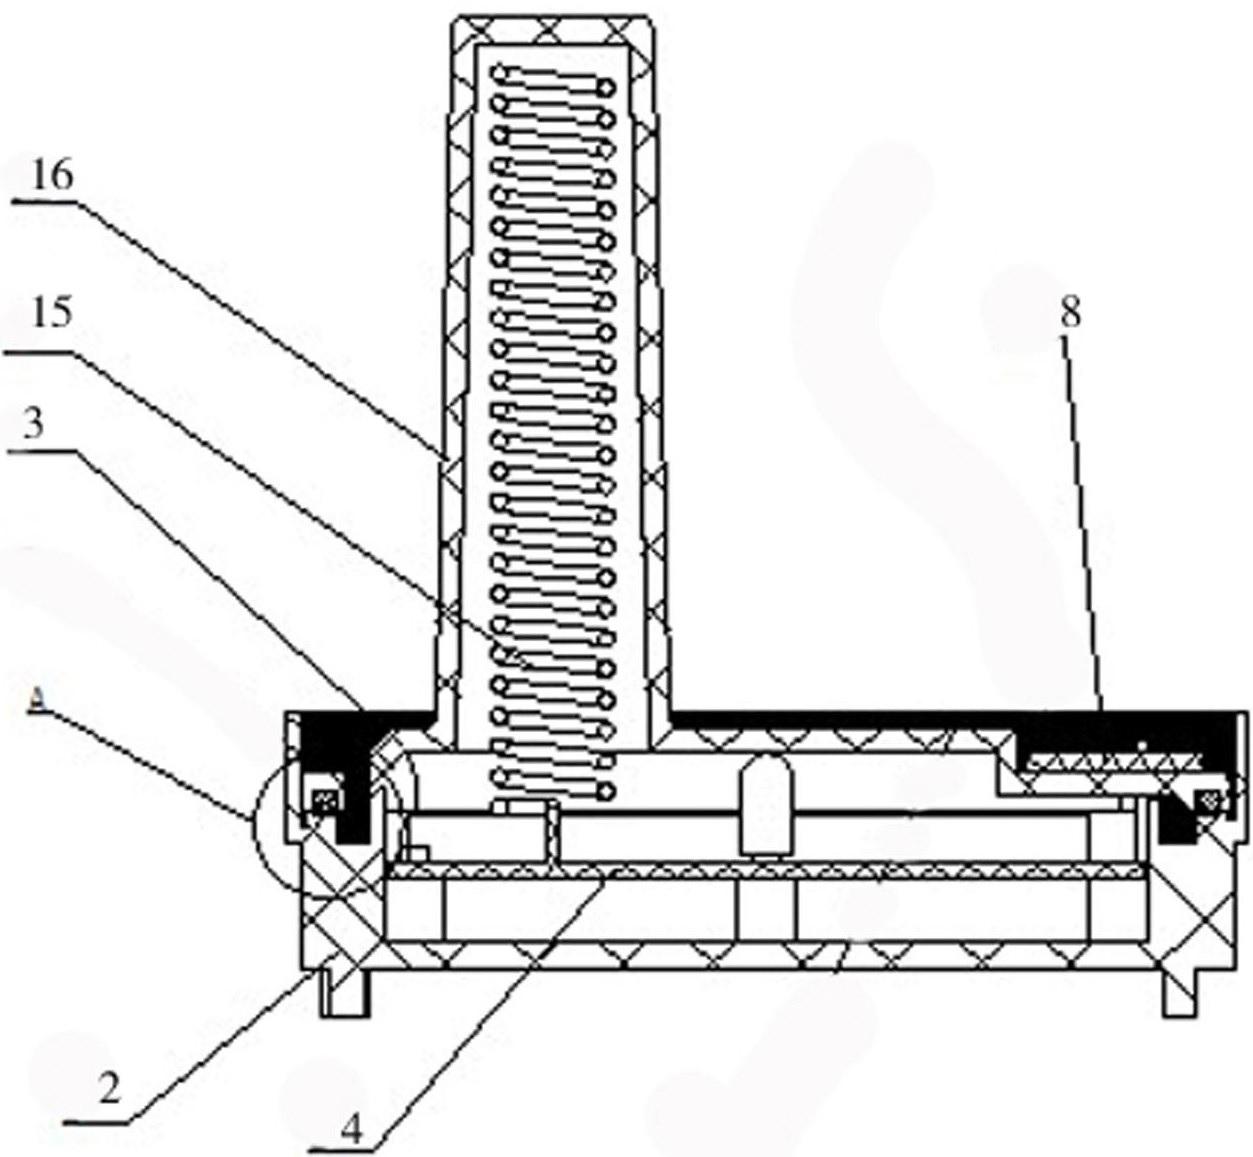 所述电子模块固定在所述盒座内,所述盒盖固定连接有接线板,所述接线板